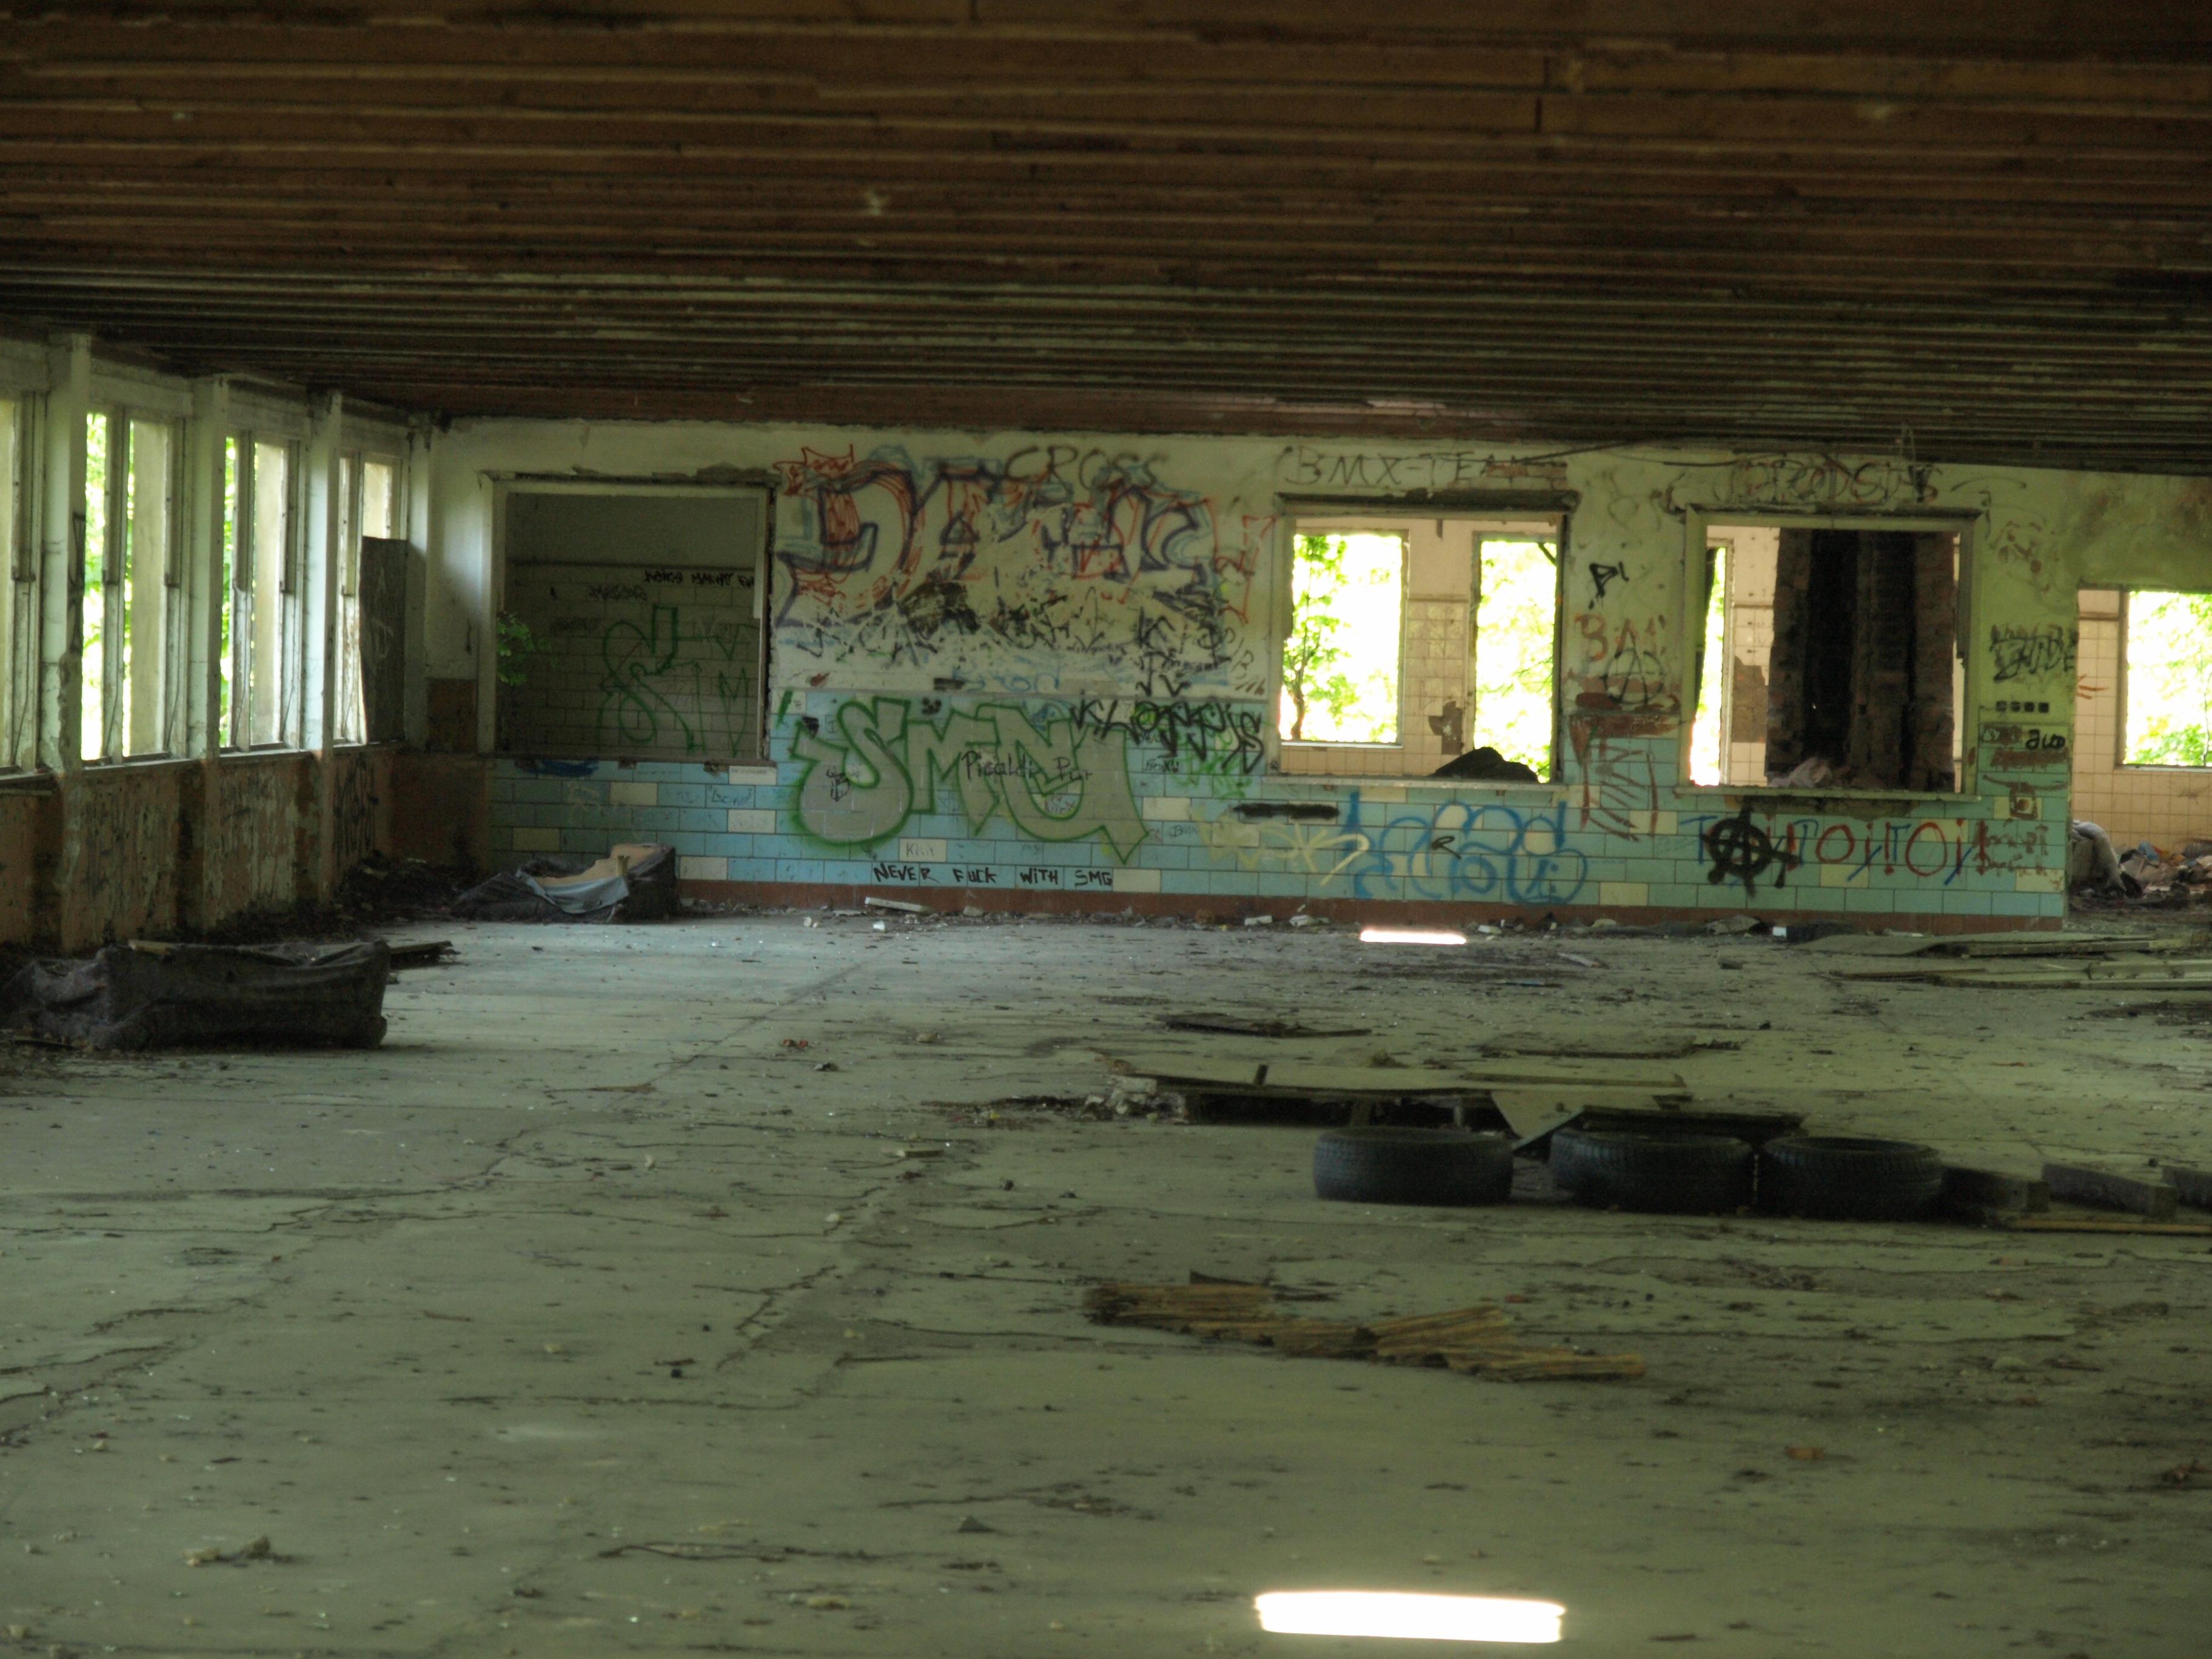 re: betriebsferienlager, lager für arbeit und erholung - 3